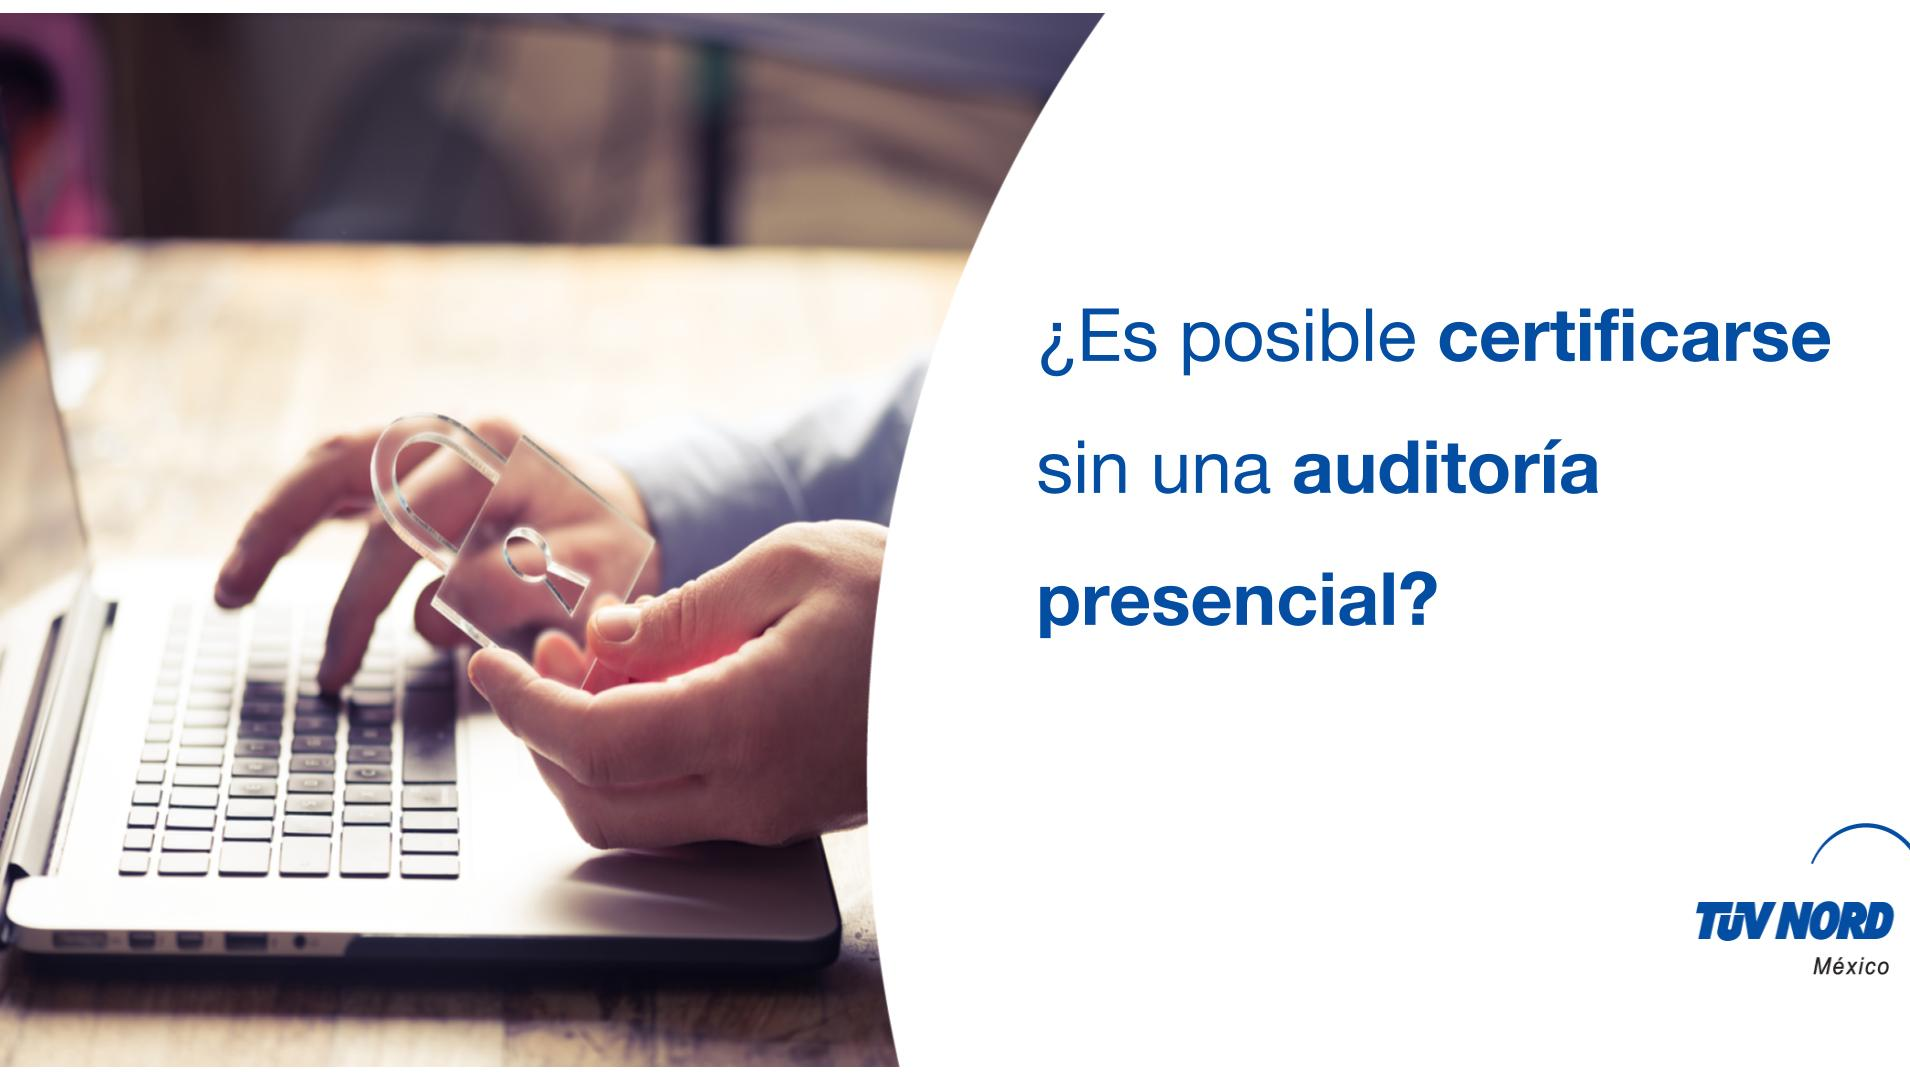 ¿Es posible certificarse sin una auditoría presencial?